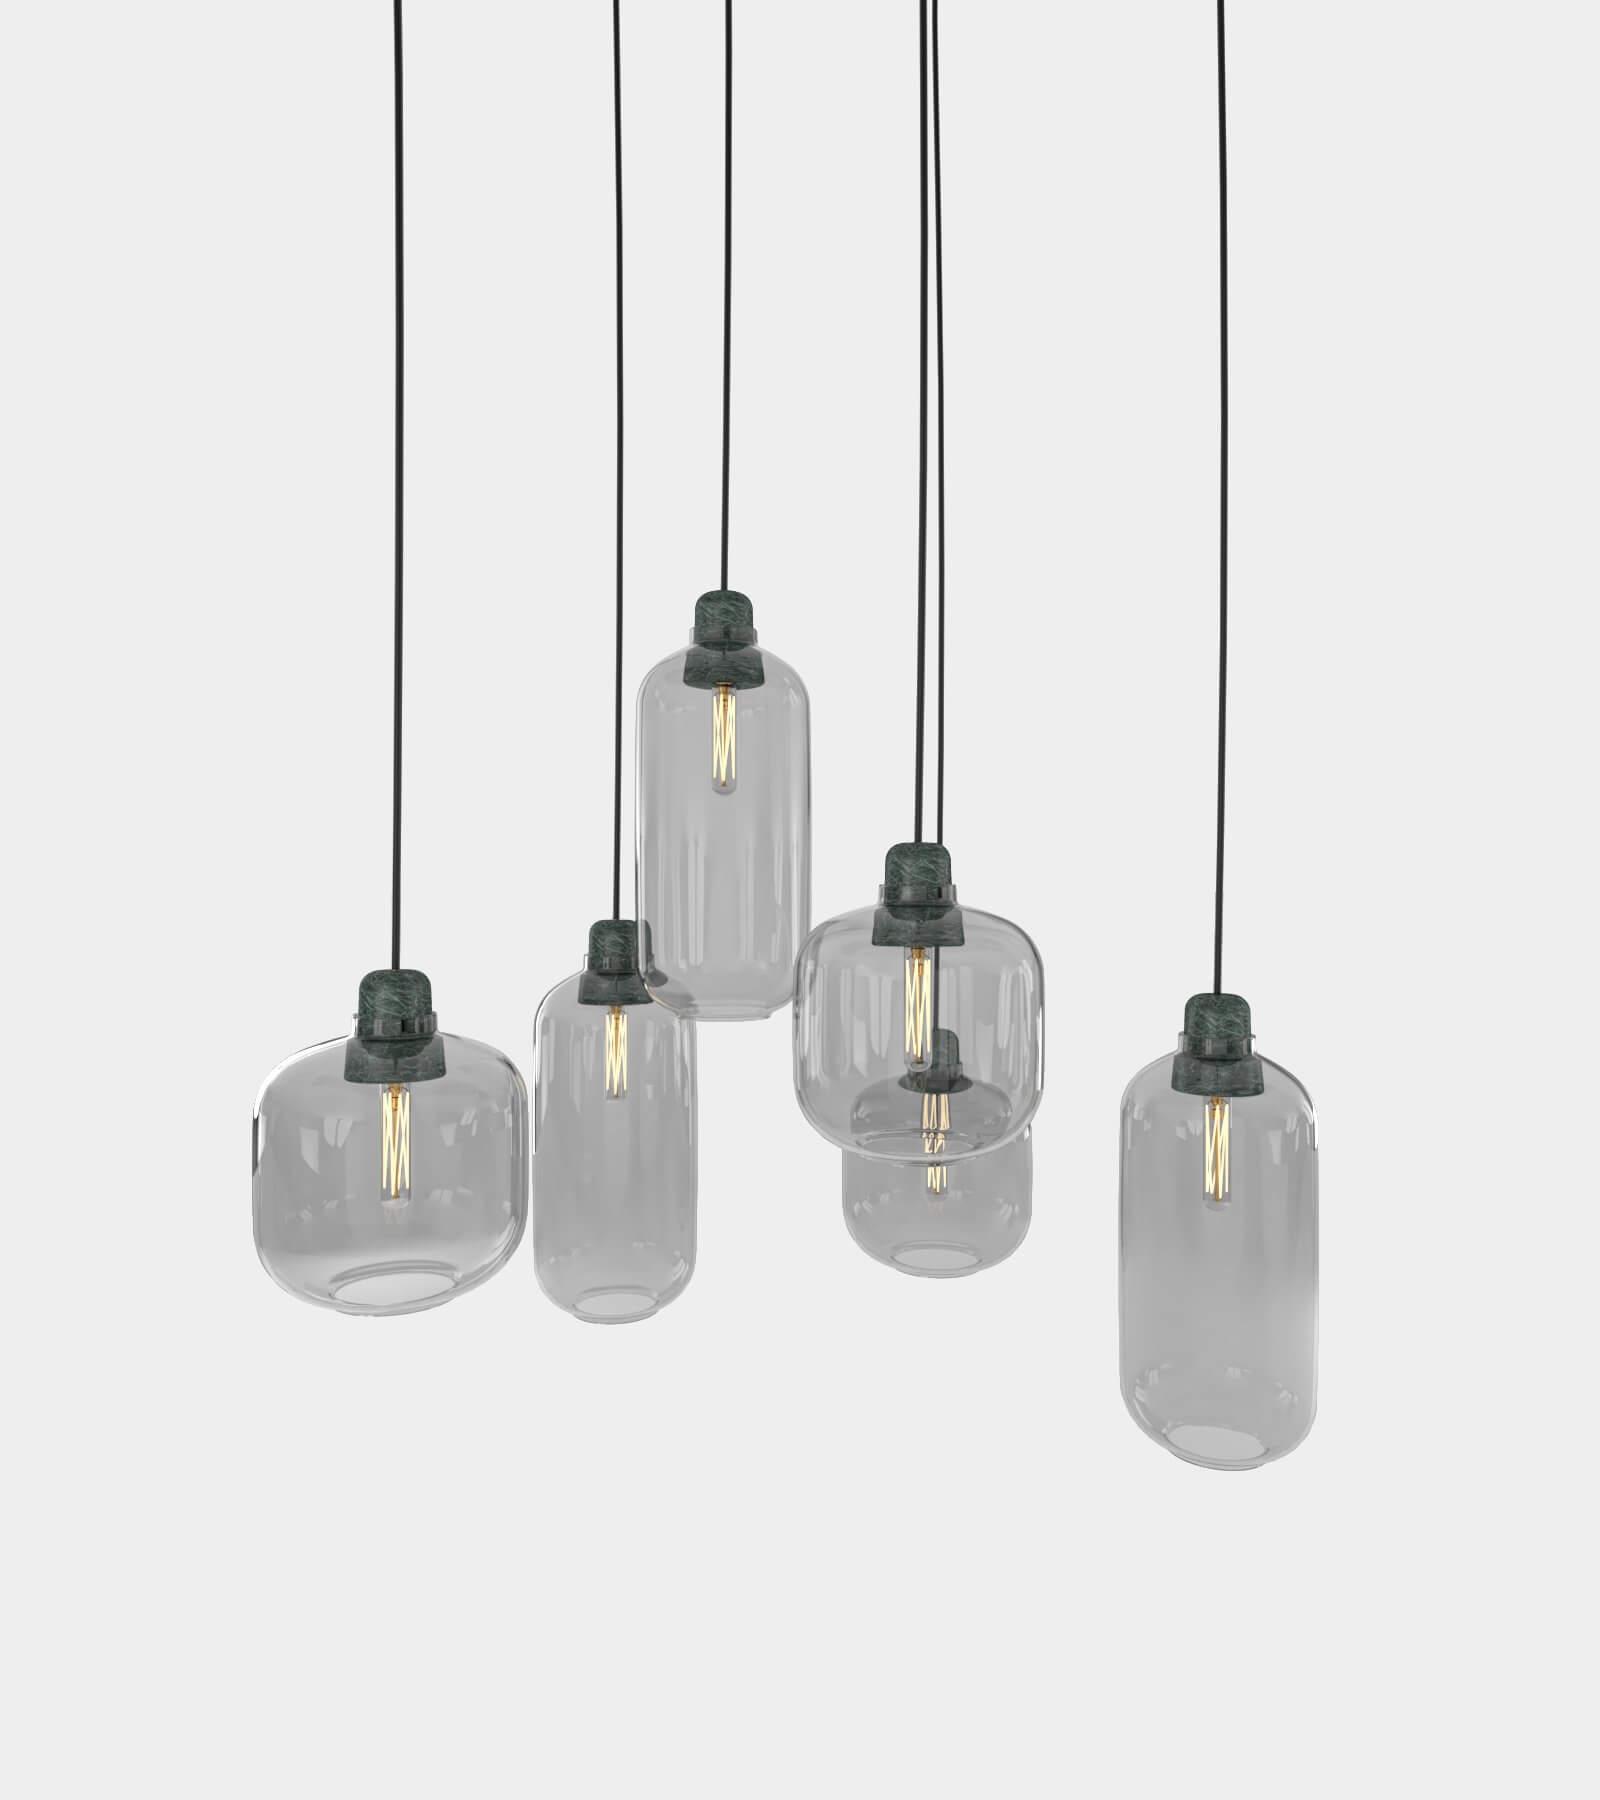 Retro round ceiling lamp set 3D Model